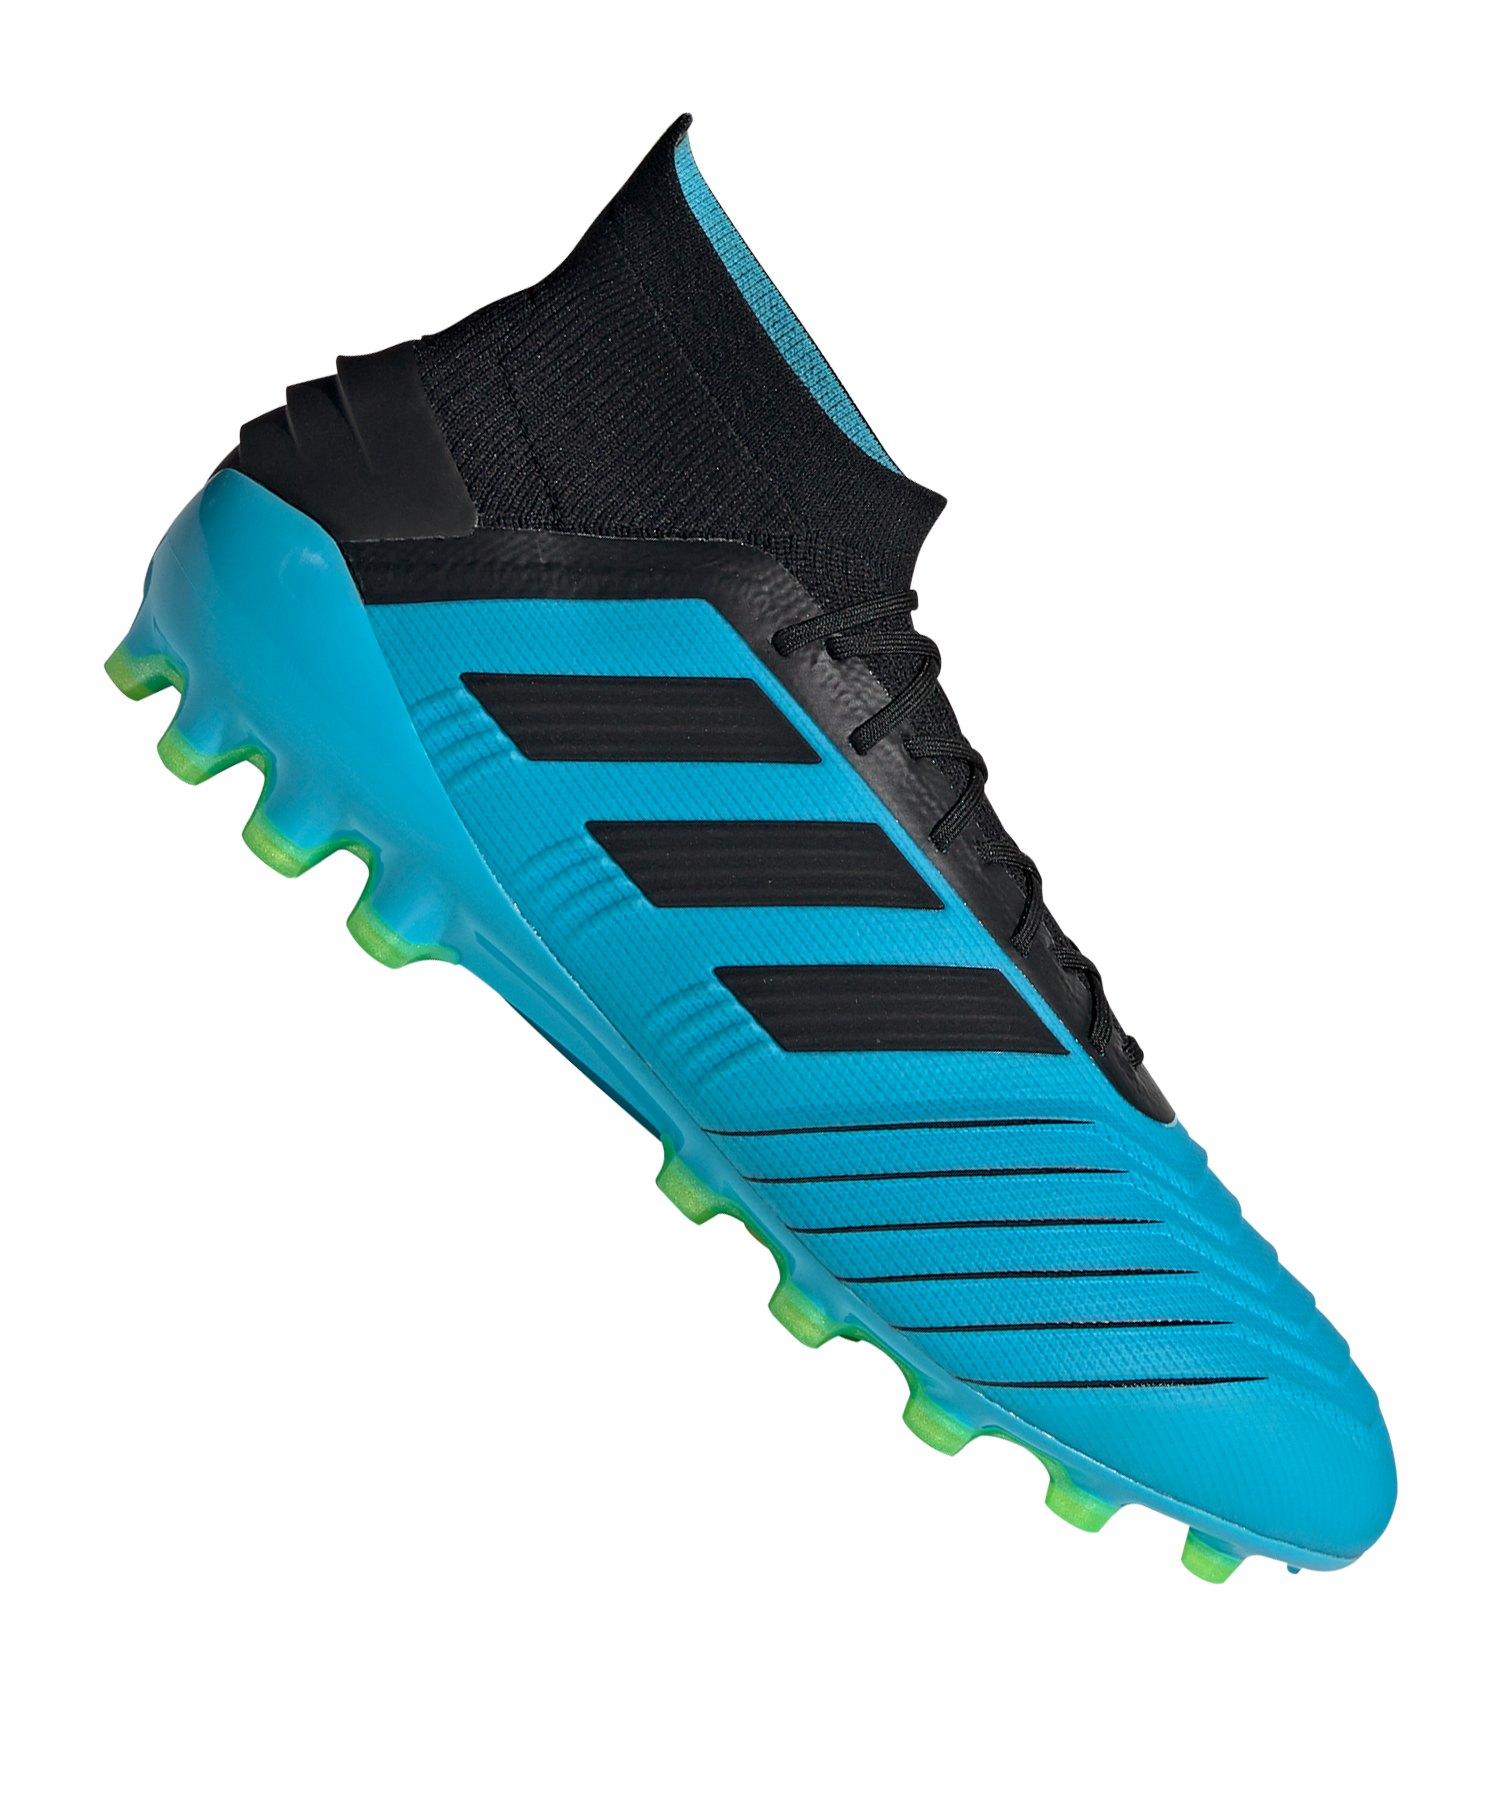 adidas Predator 19.1 AG Blau Schwarz - blau